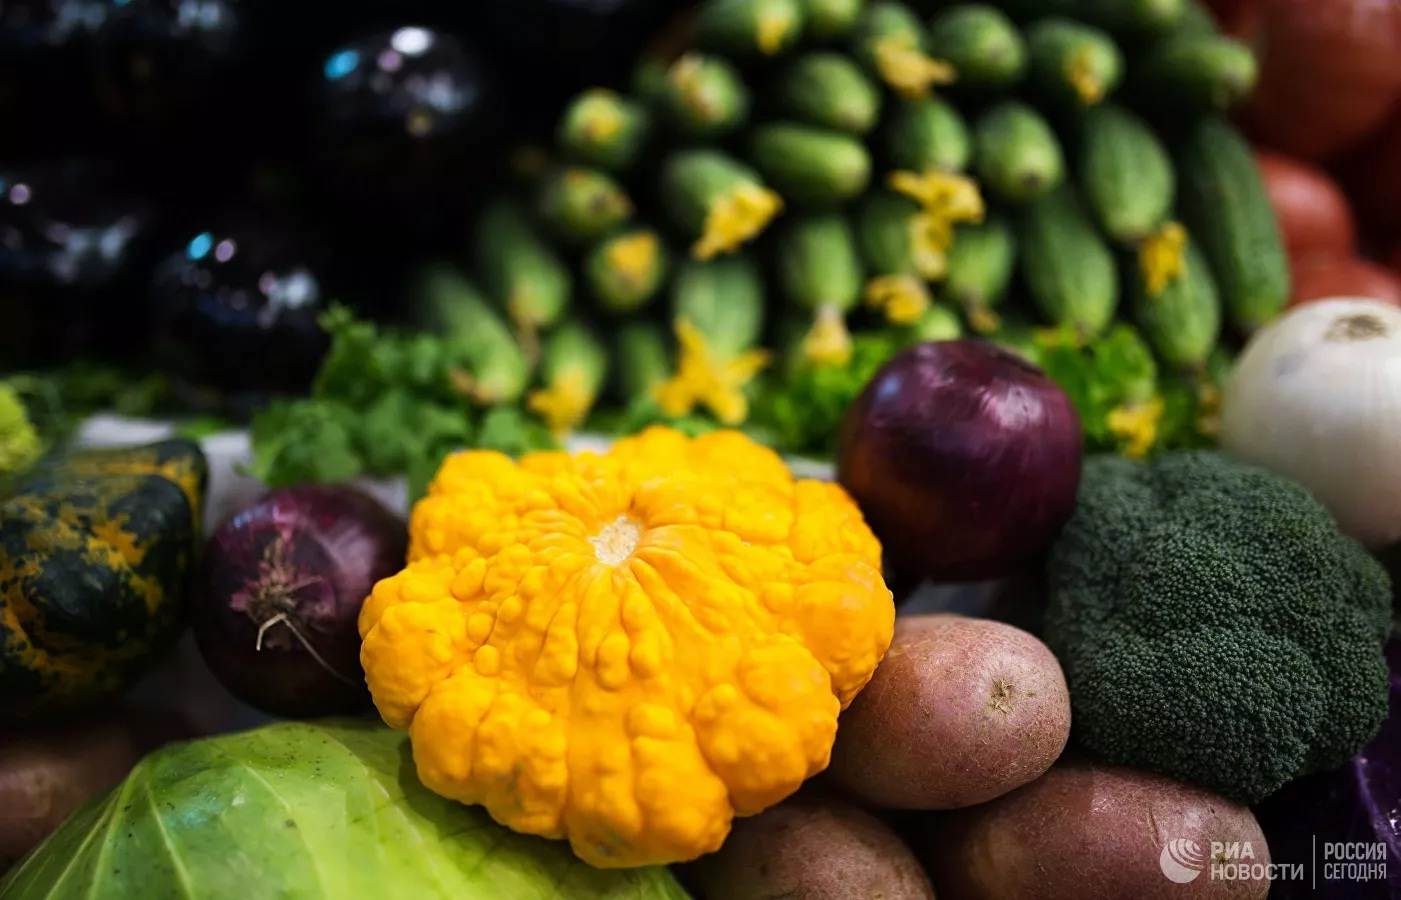 Vitamin,cải xanh,Ung thư,tế bào,bác sĩ,bệnh nhân